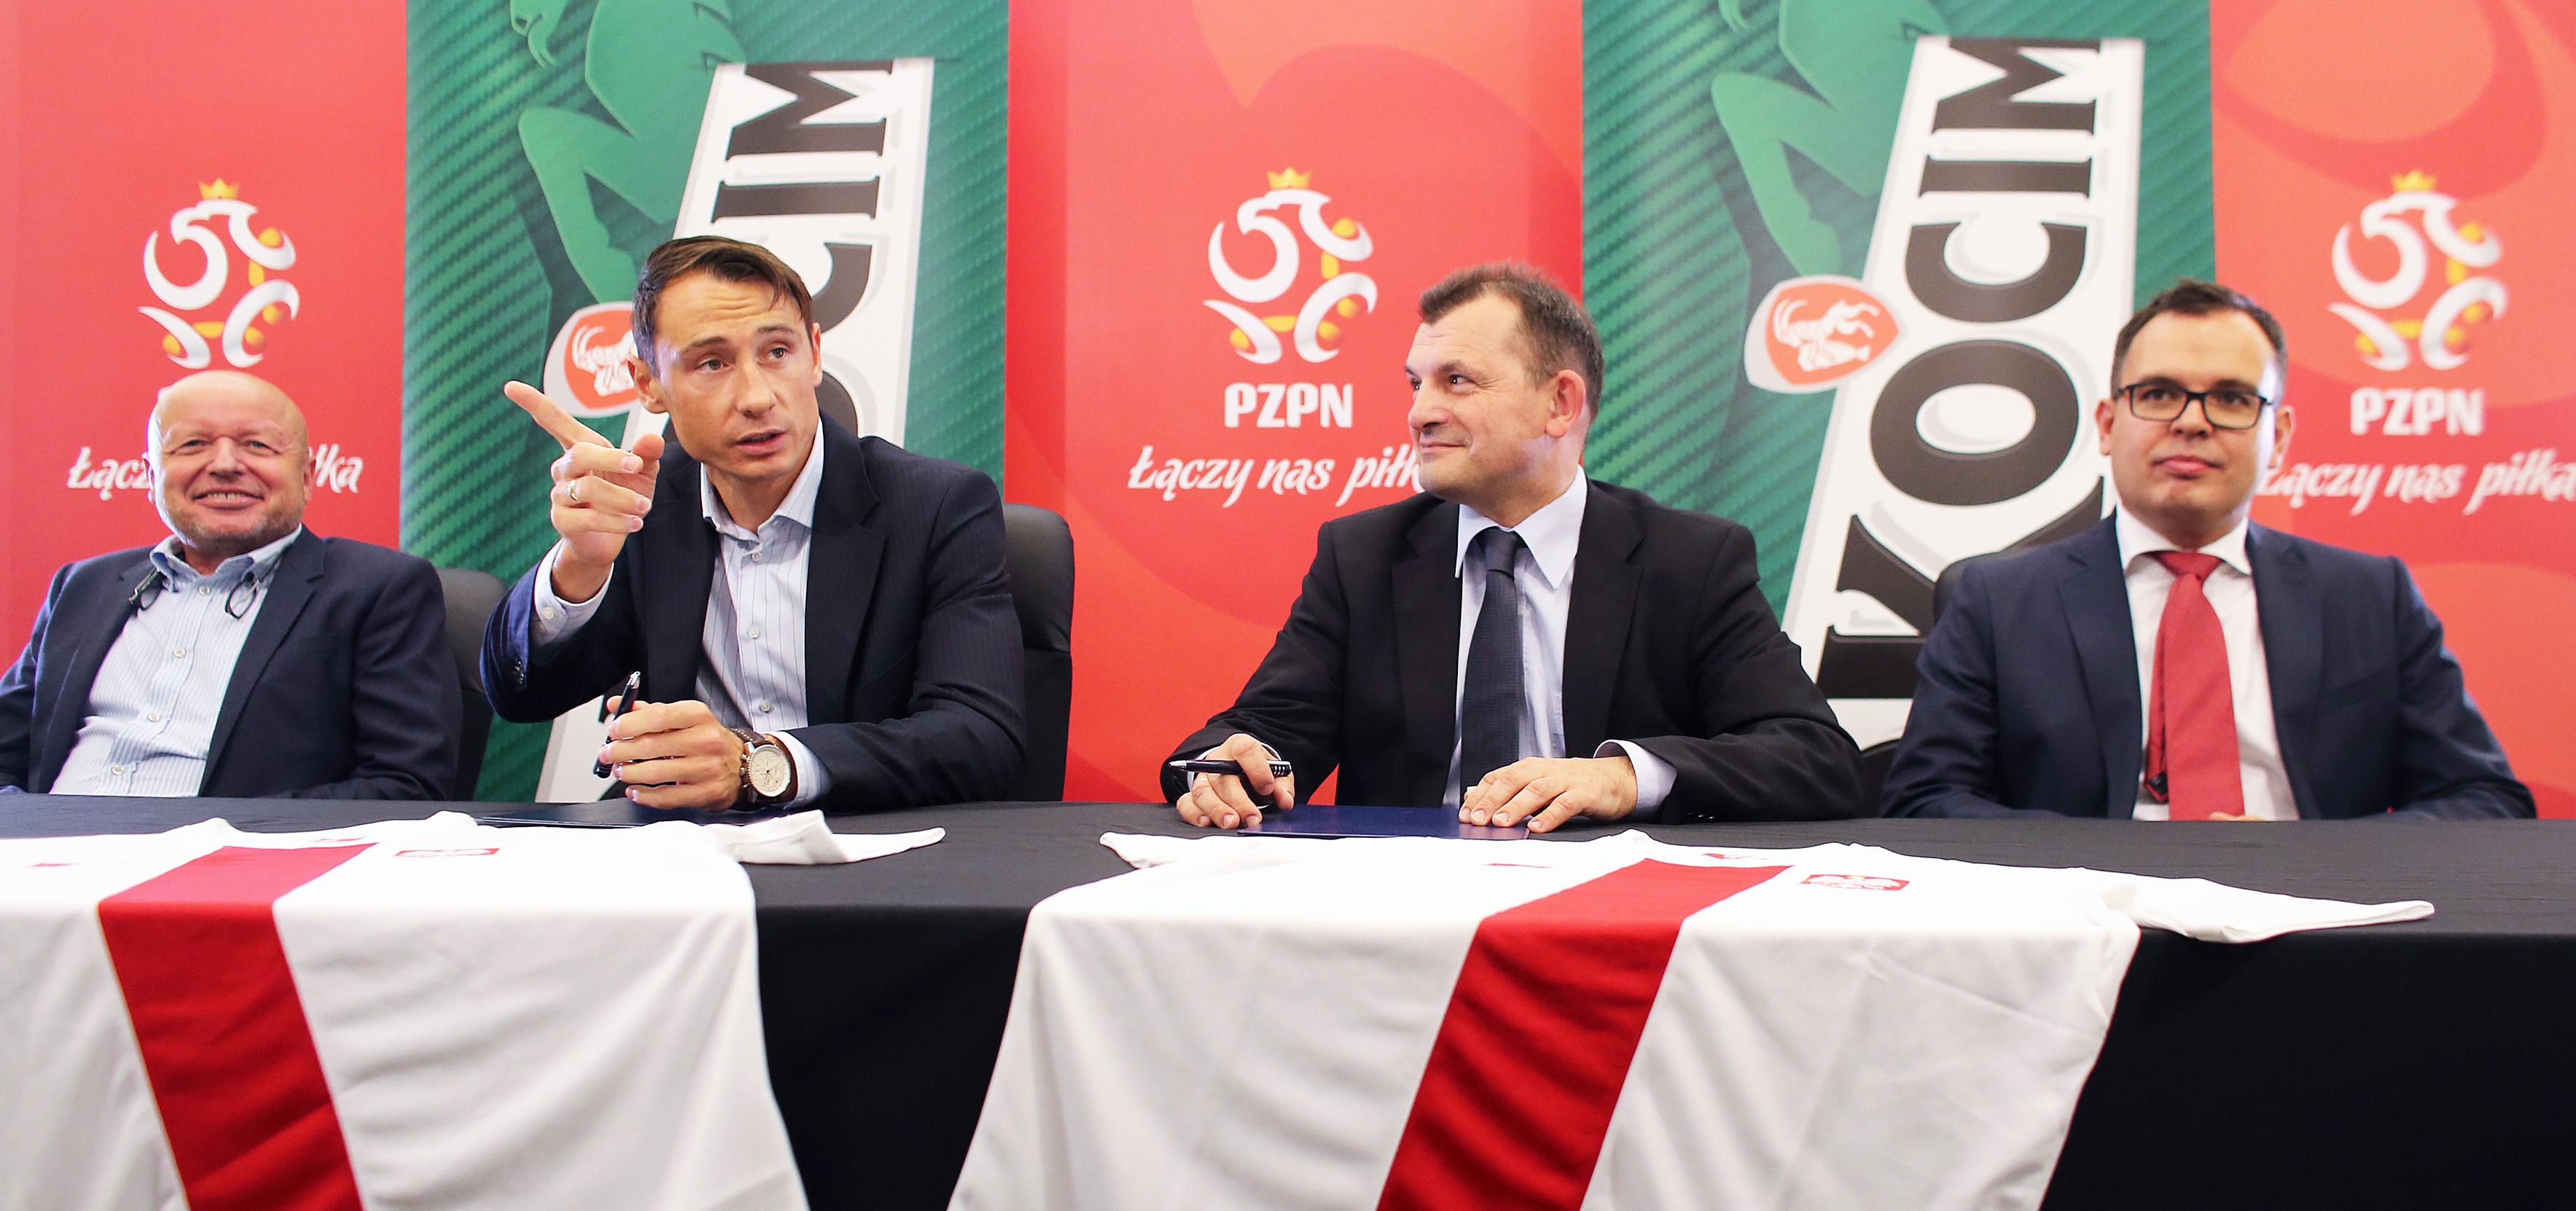 Nowy sponsor Piłkarskiej Reprezentacji Polski piłka nożna Mediarun Com Okocim